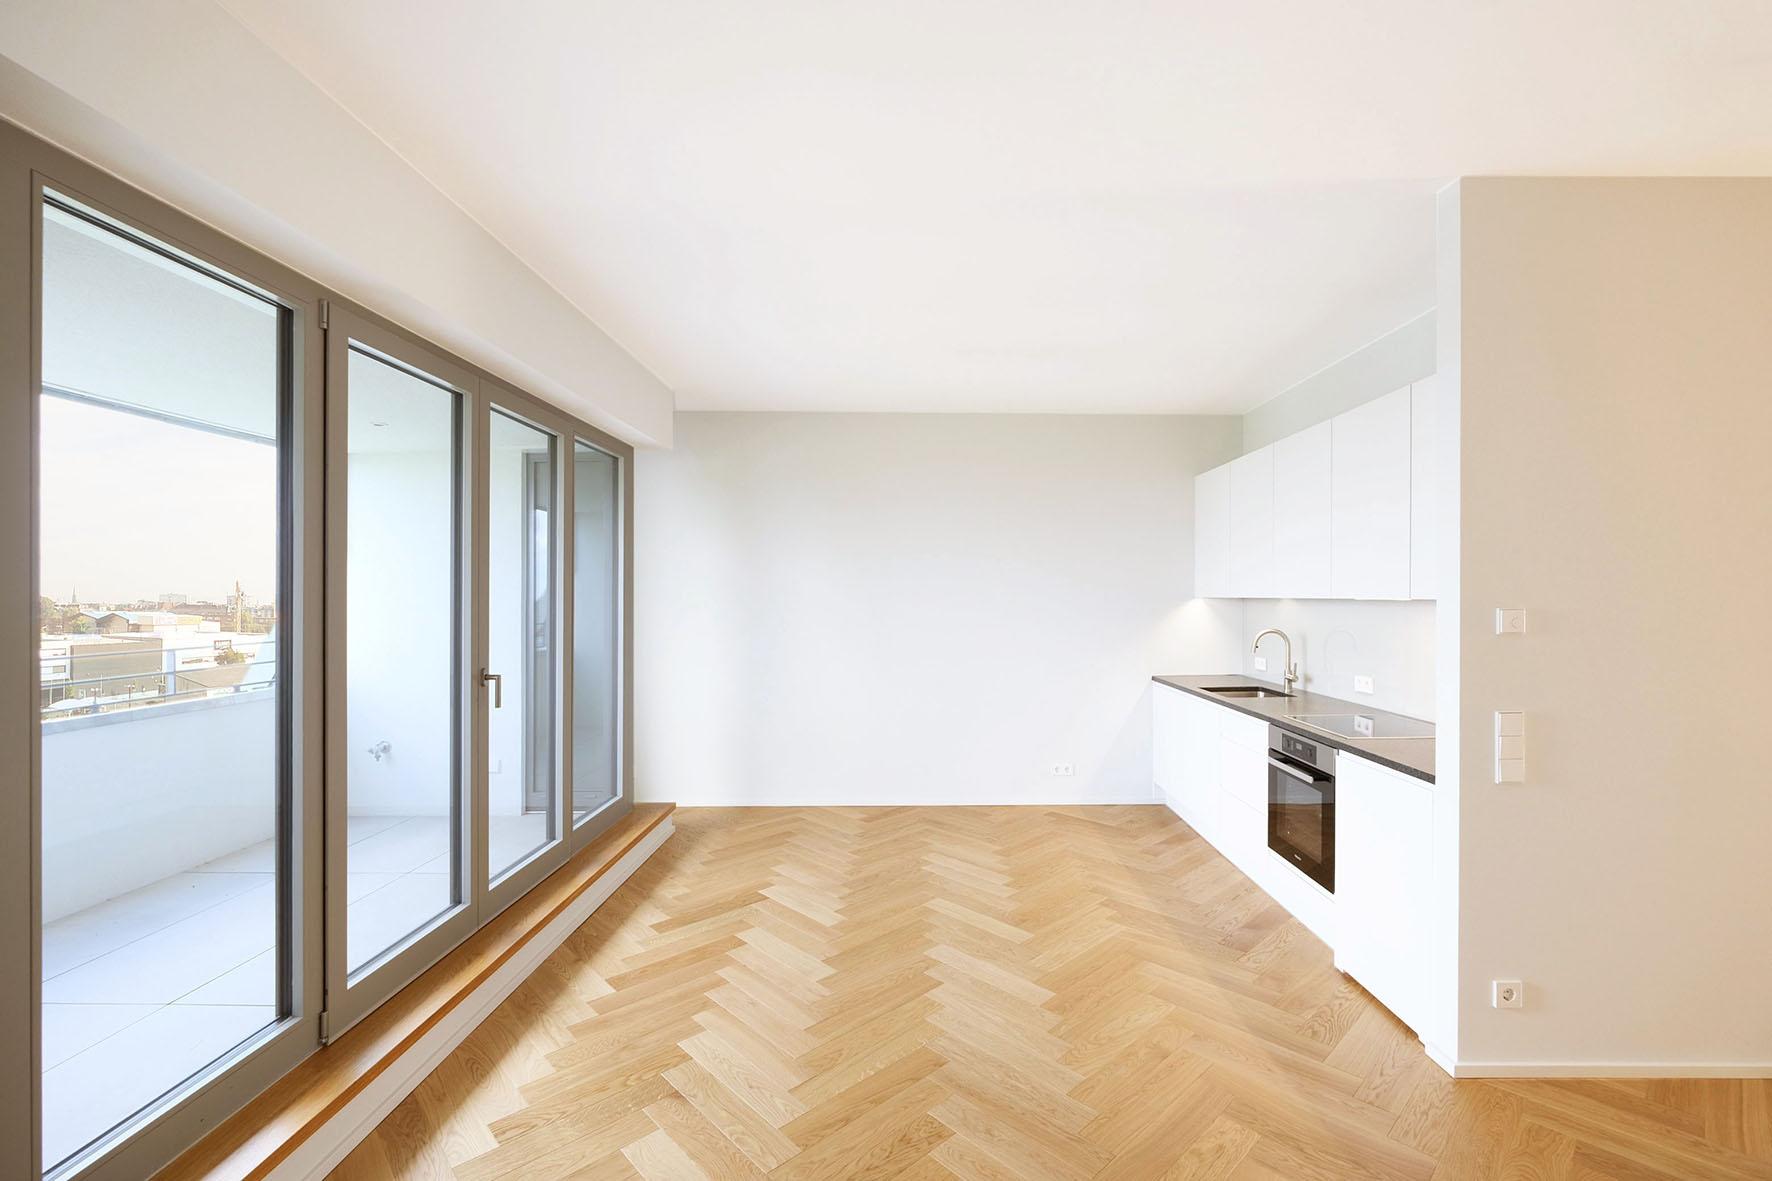 Moabit: Top-moderne Wohnung mit hochwertiger Ausstattung